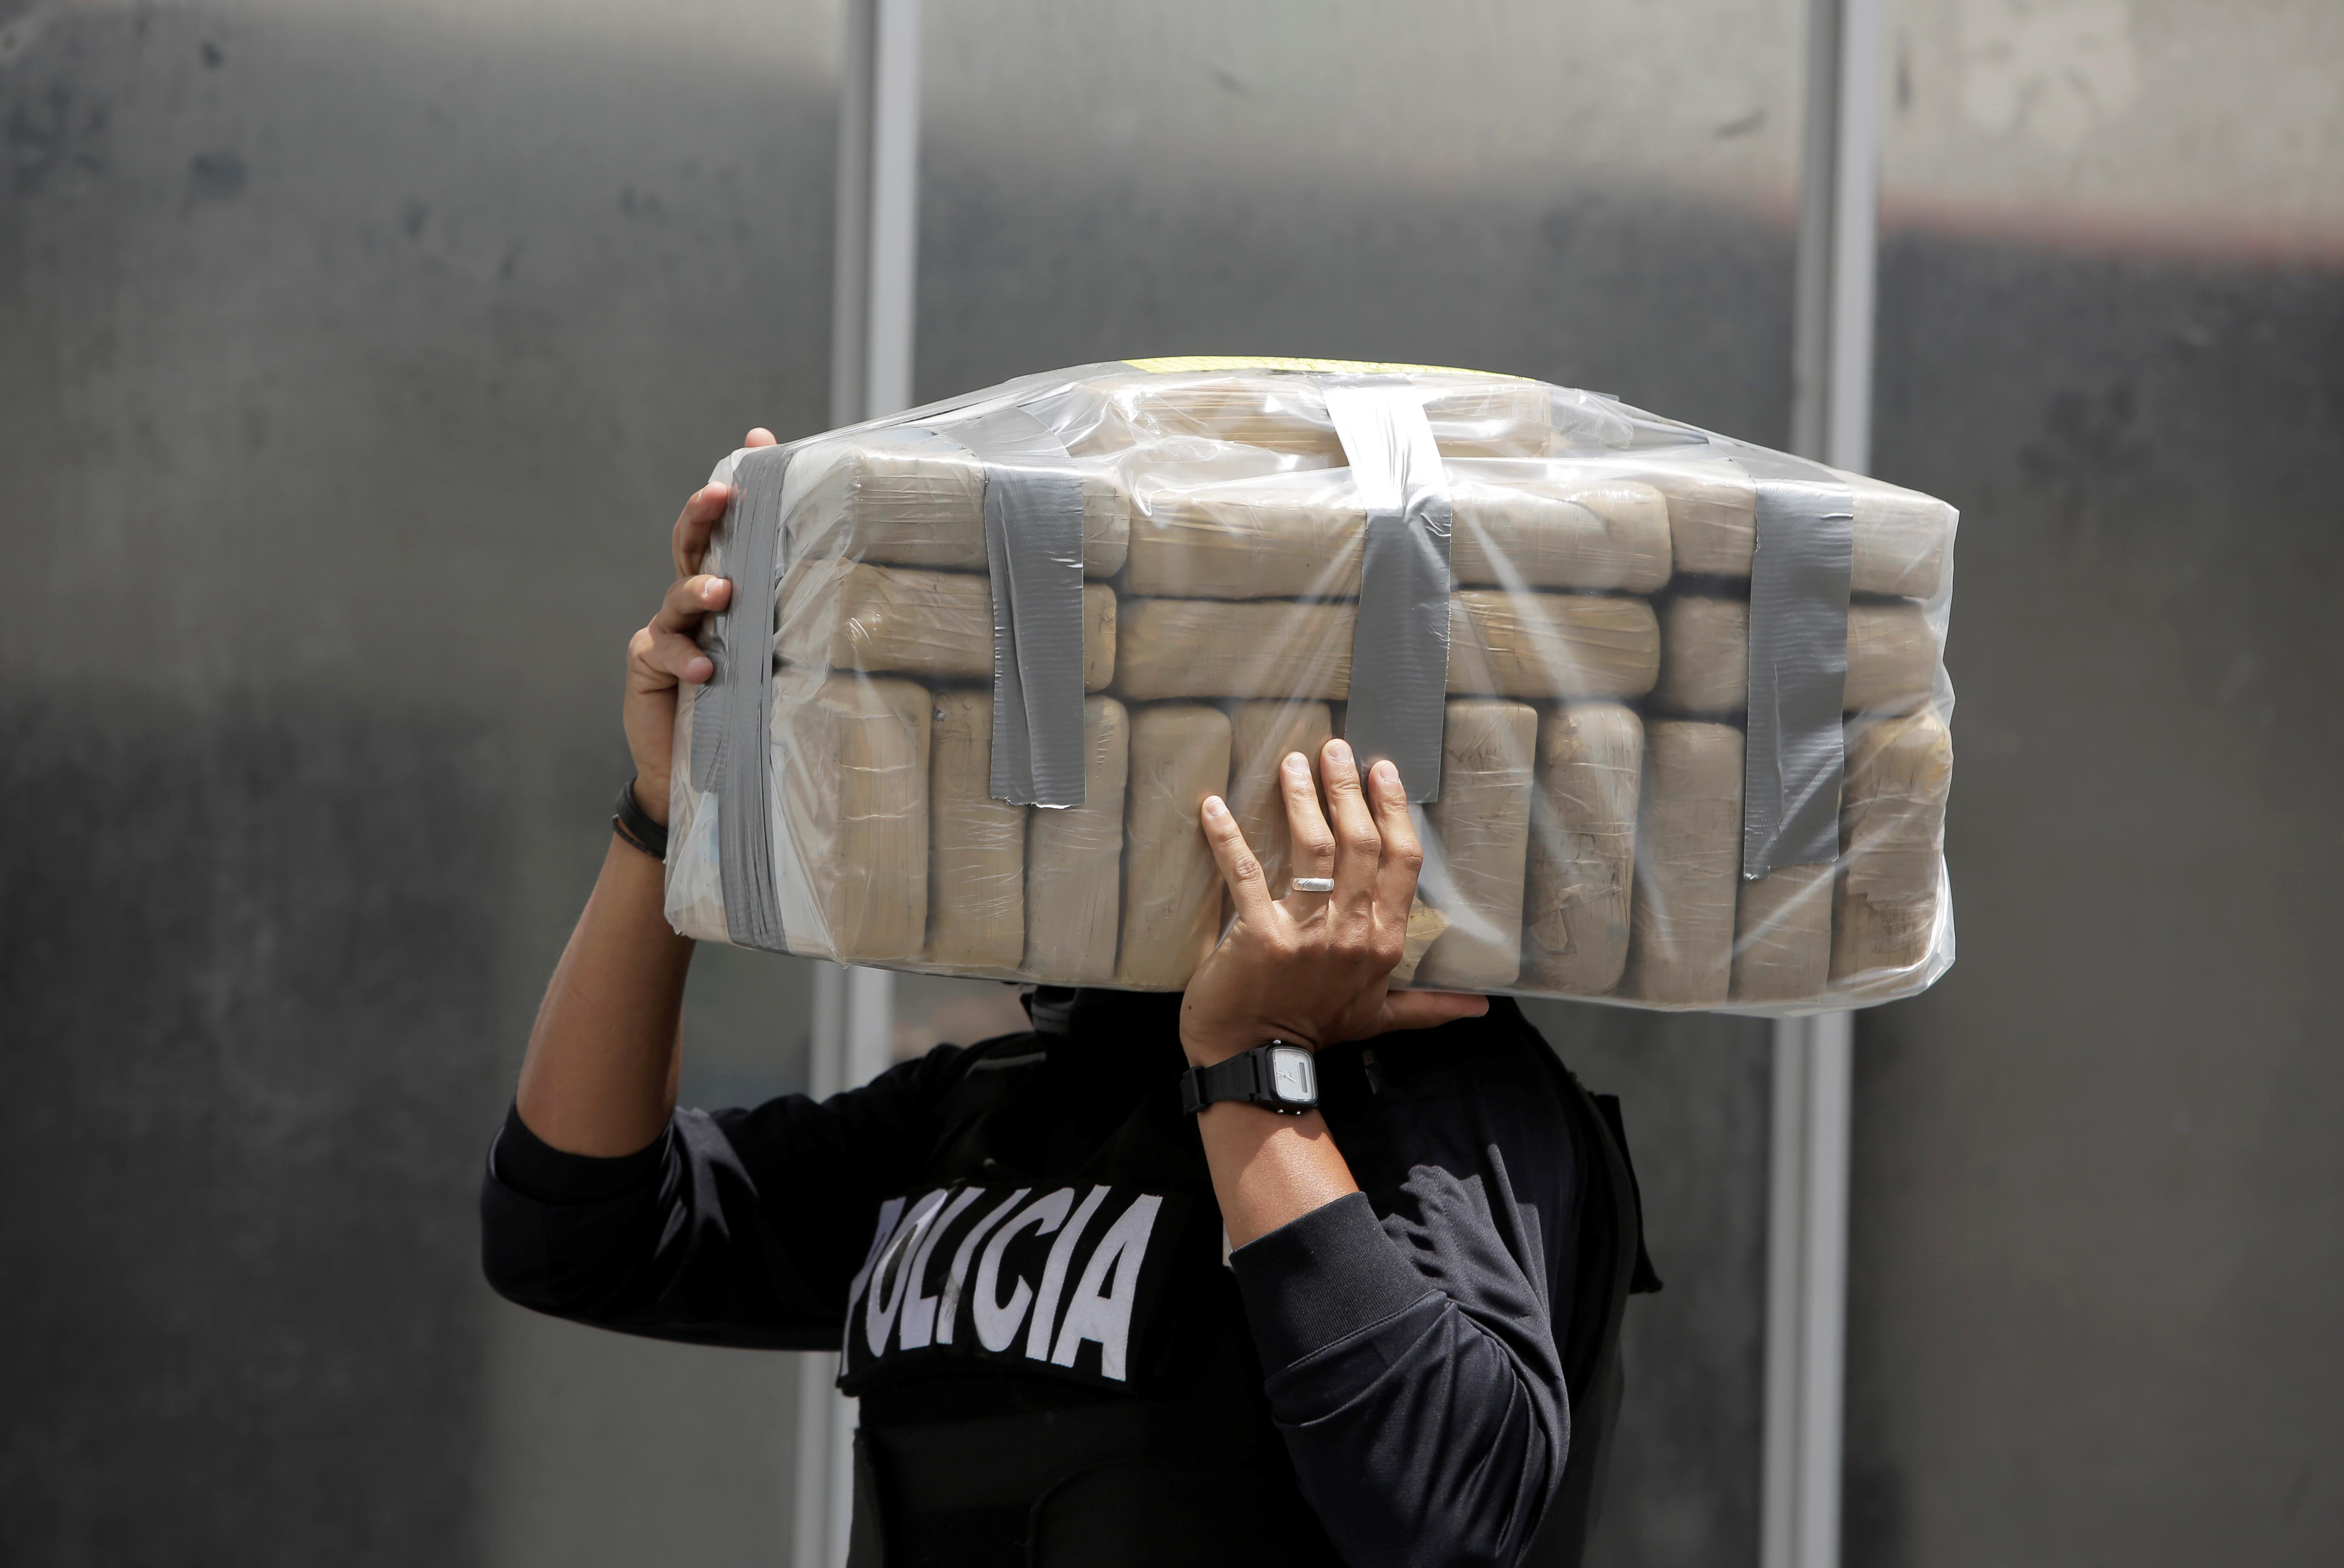 Βέλγιο: Ξεσκεπάστηκε κύκλωμα που διακινούσε εκατοντάδες κιλά κοκαΐνης στην Ευρώπη